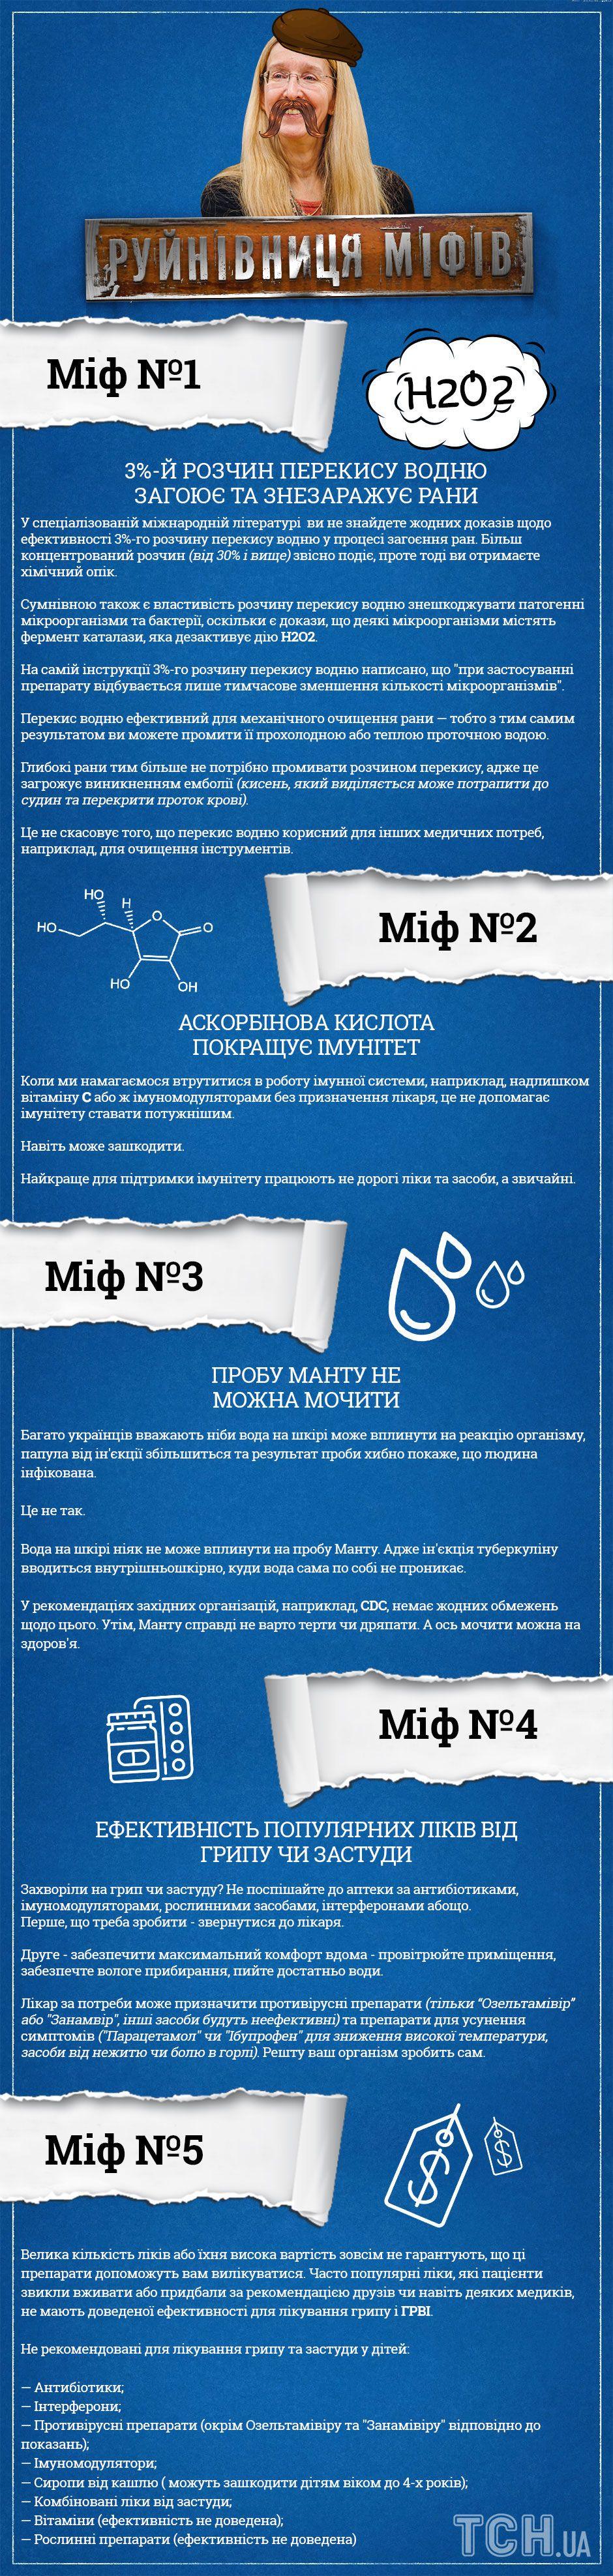 міфи, які знищила Уляна Супрун, інфографіка